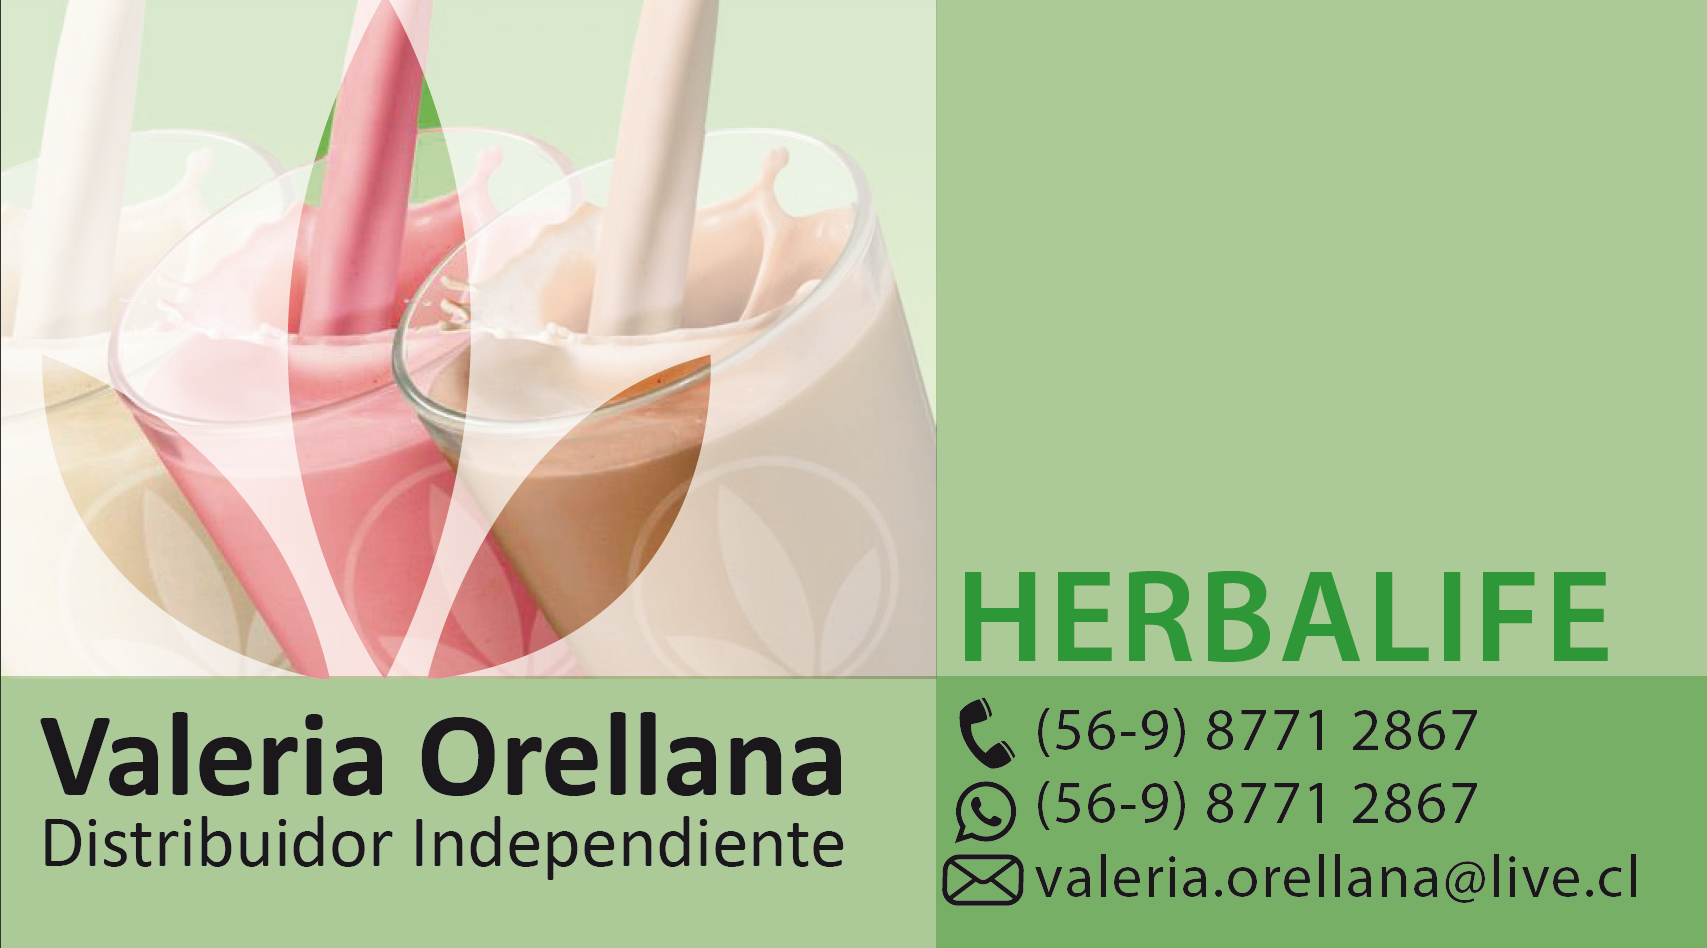 Tarjeta Para Distribuidora De Herbalife Distribuidor De